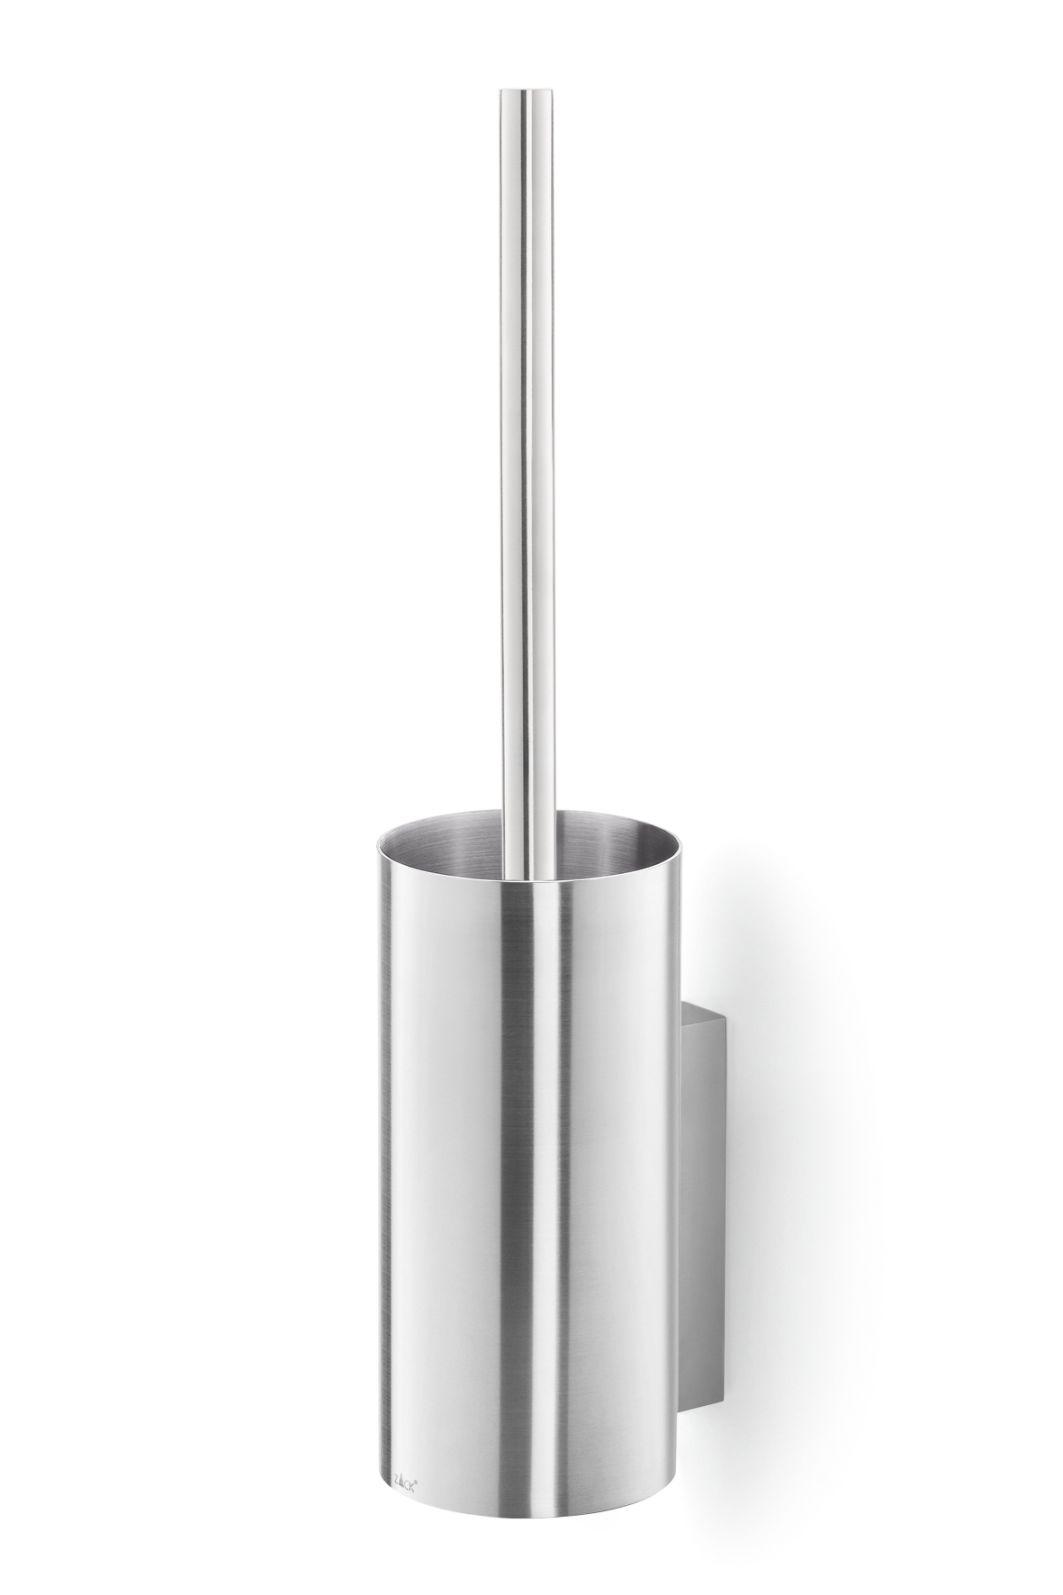 Nástěnná WC štětka LINEA, matná 44 cm - ZACK